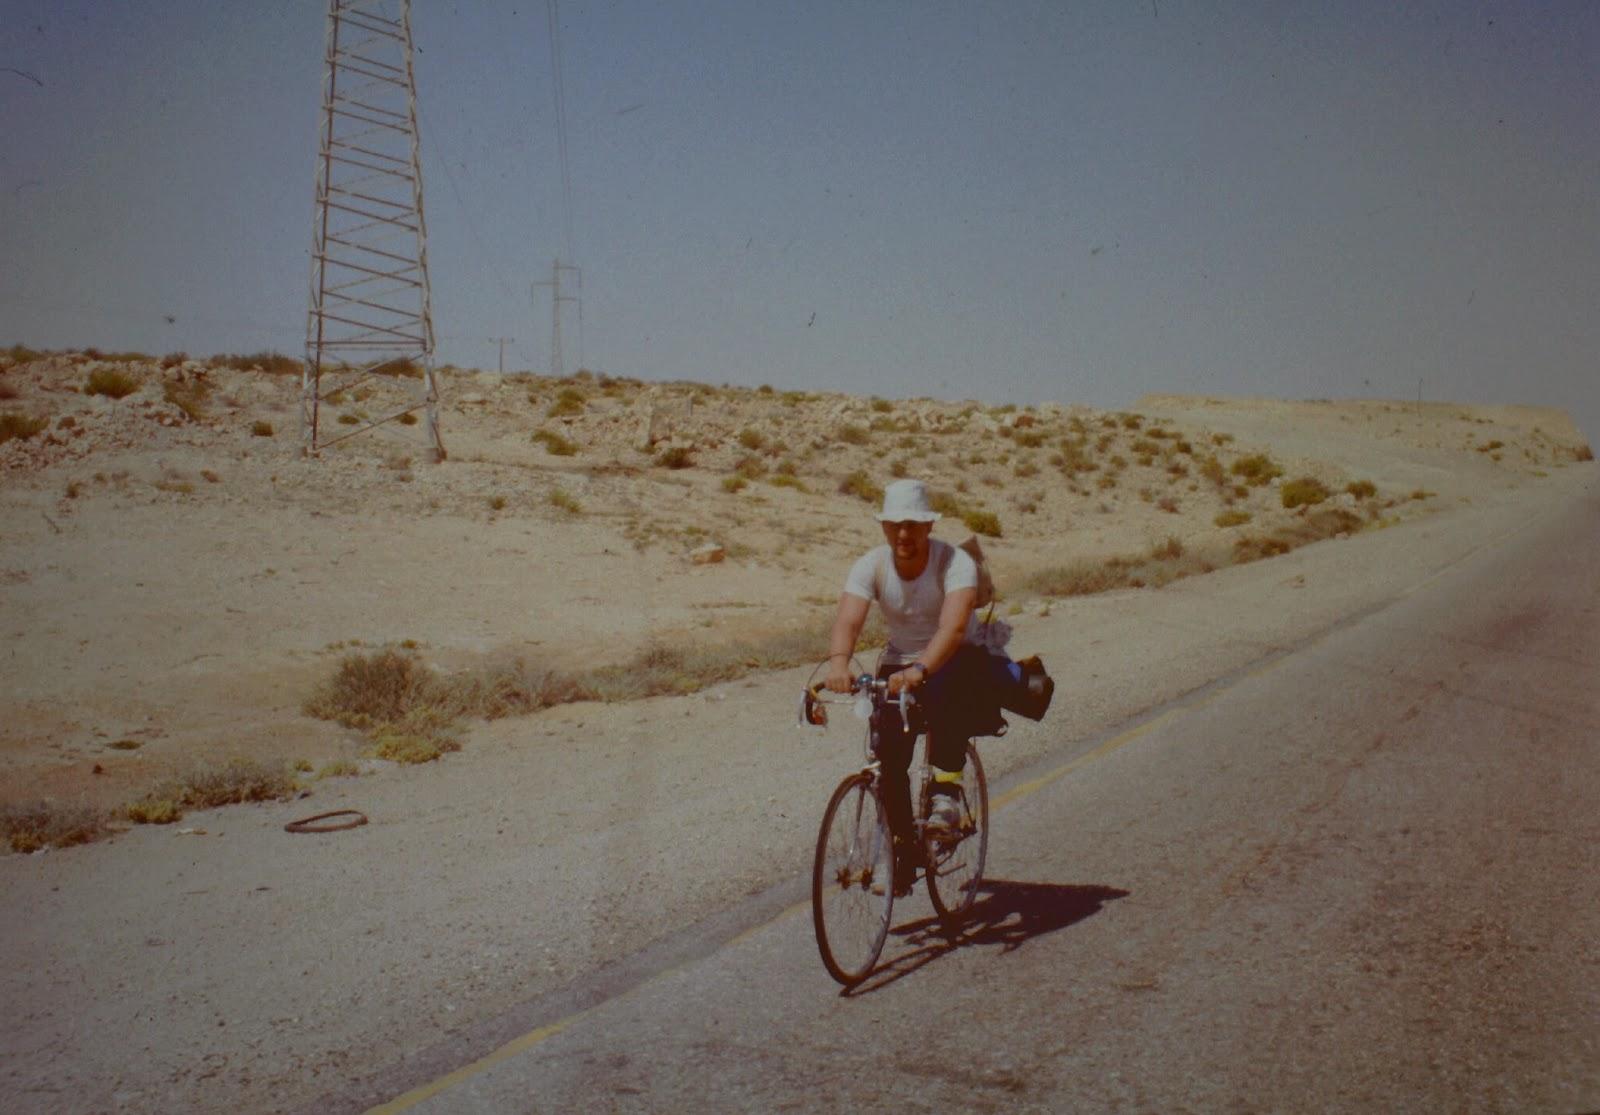 Einsamer Radfahrer in der Wüste.